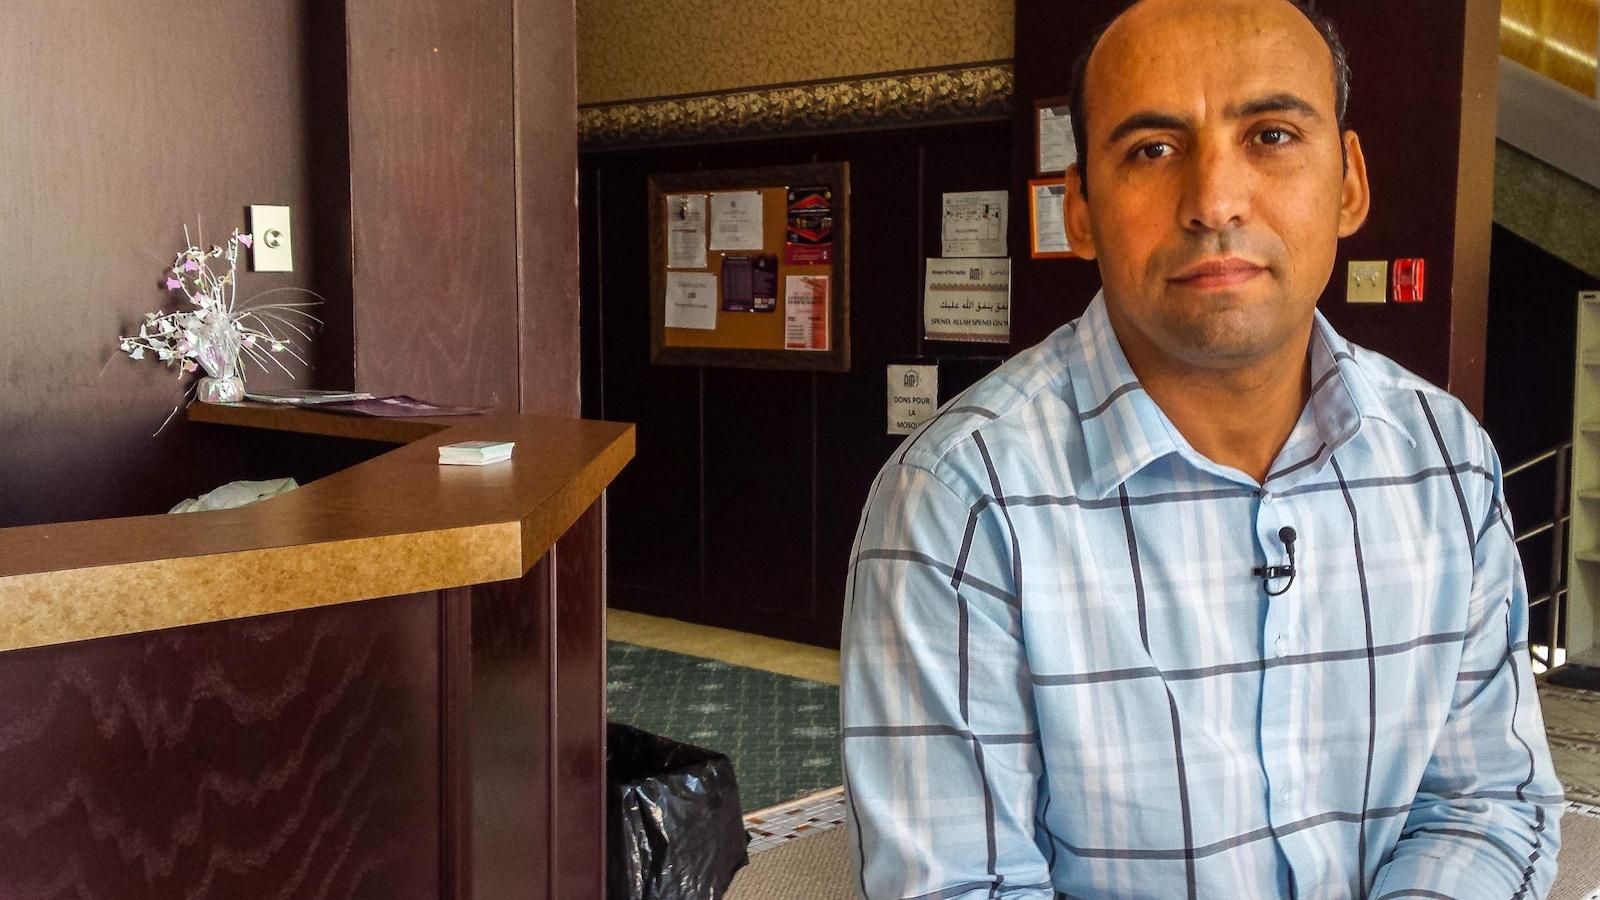 Saïd Akjour est l'un des 5 blessés dans la fusillade à la Grande mosquée de Québec le 29 janvier dernier